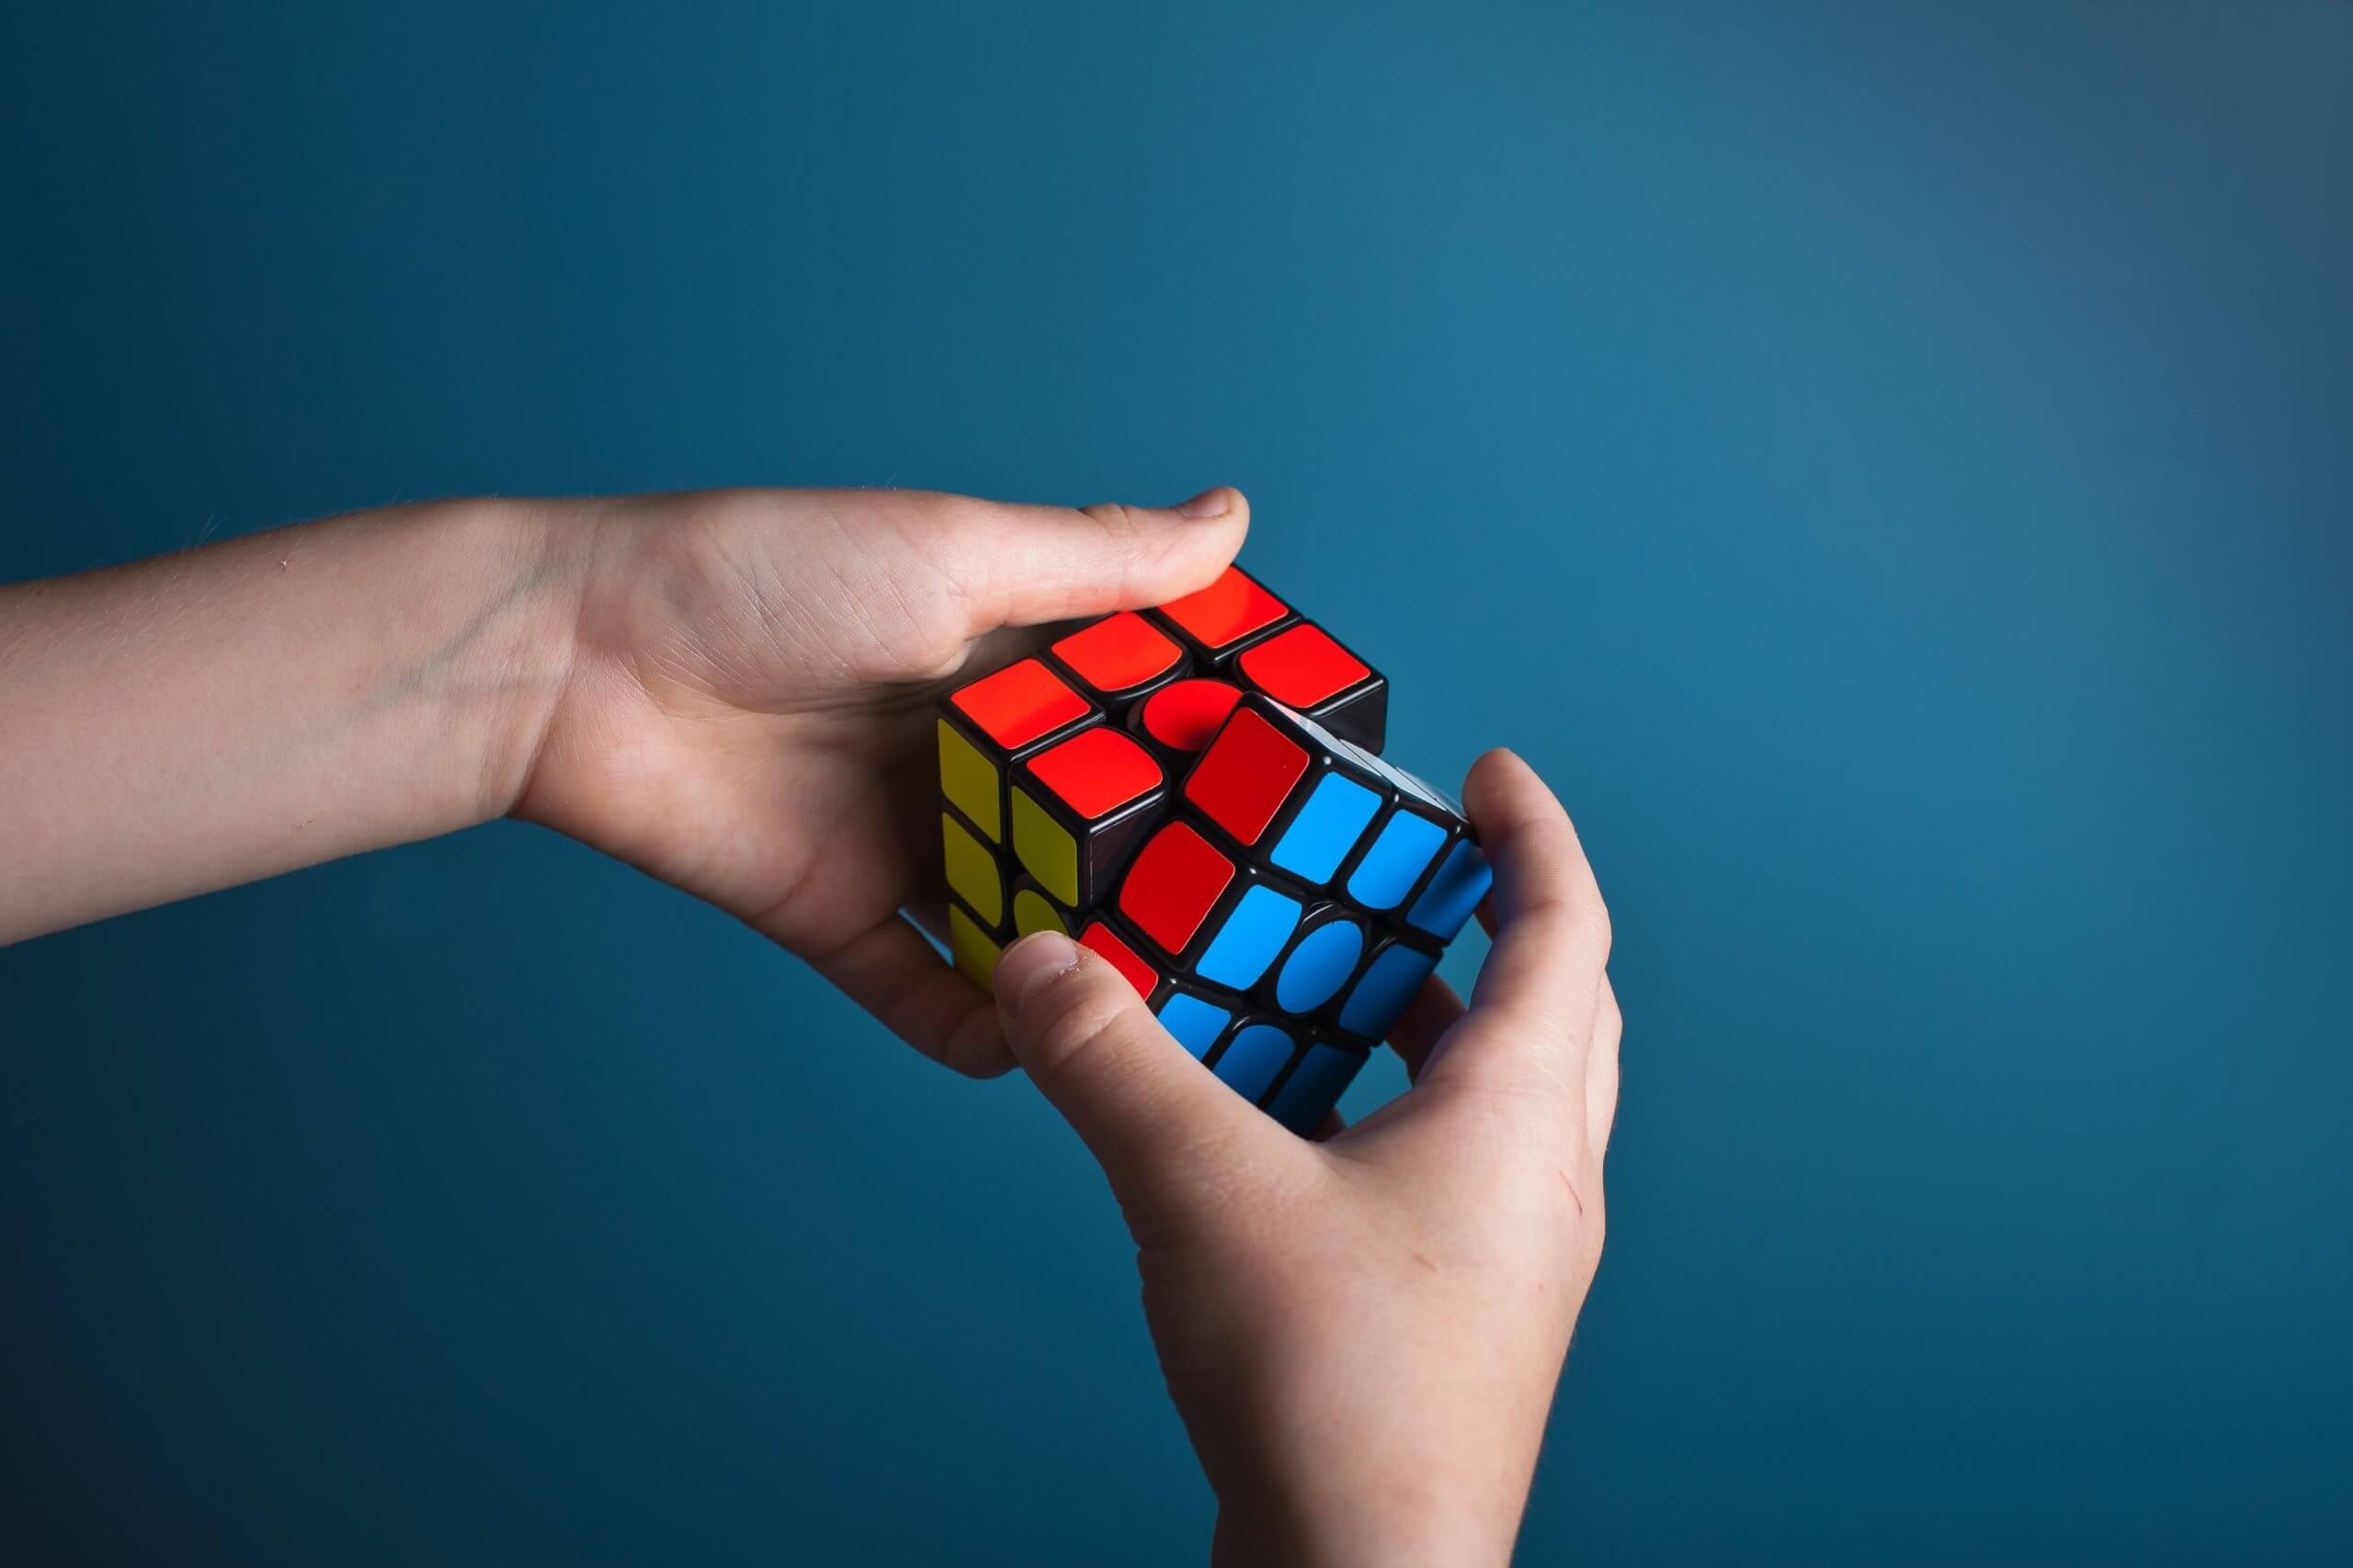 ルービックキューブトリックに使うキューブ